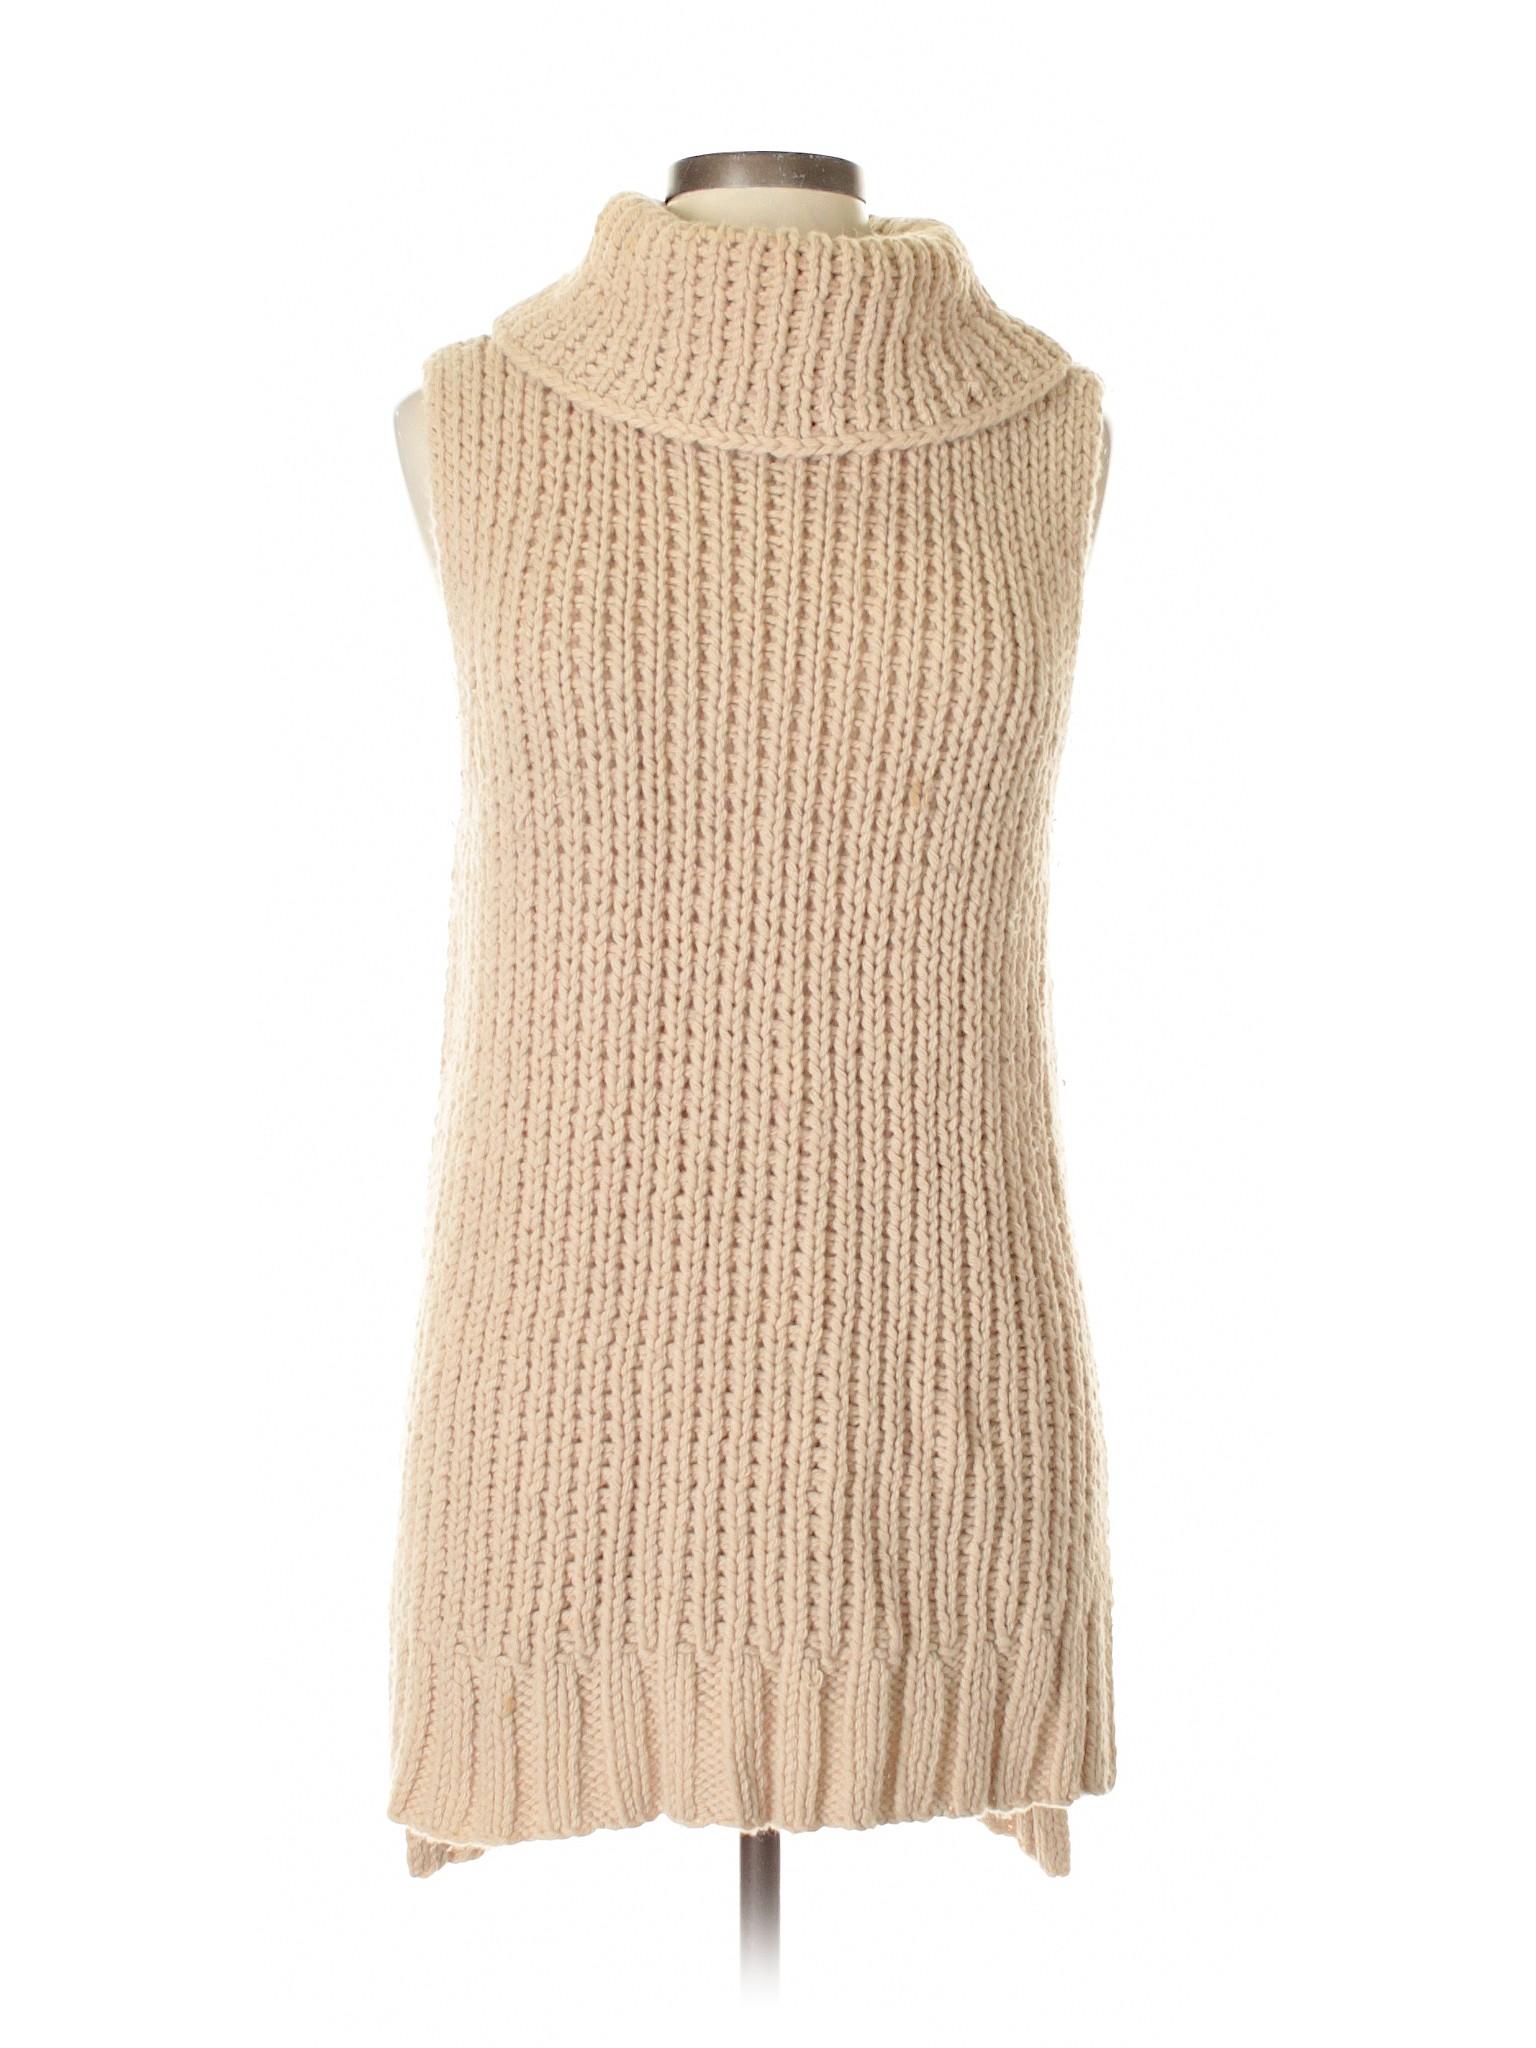 PREMISE Pullover Boutique Boutique PREMISE Sweater BxwH1Hq